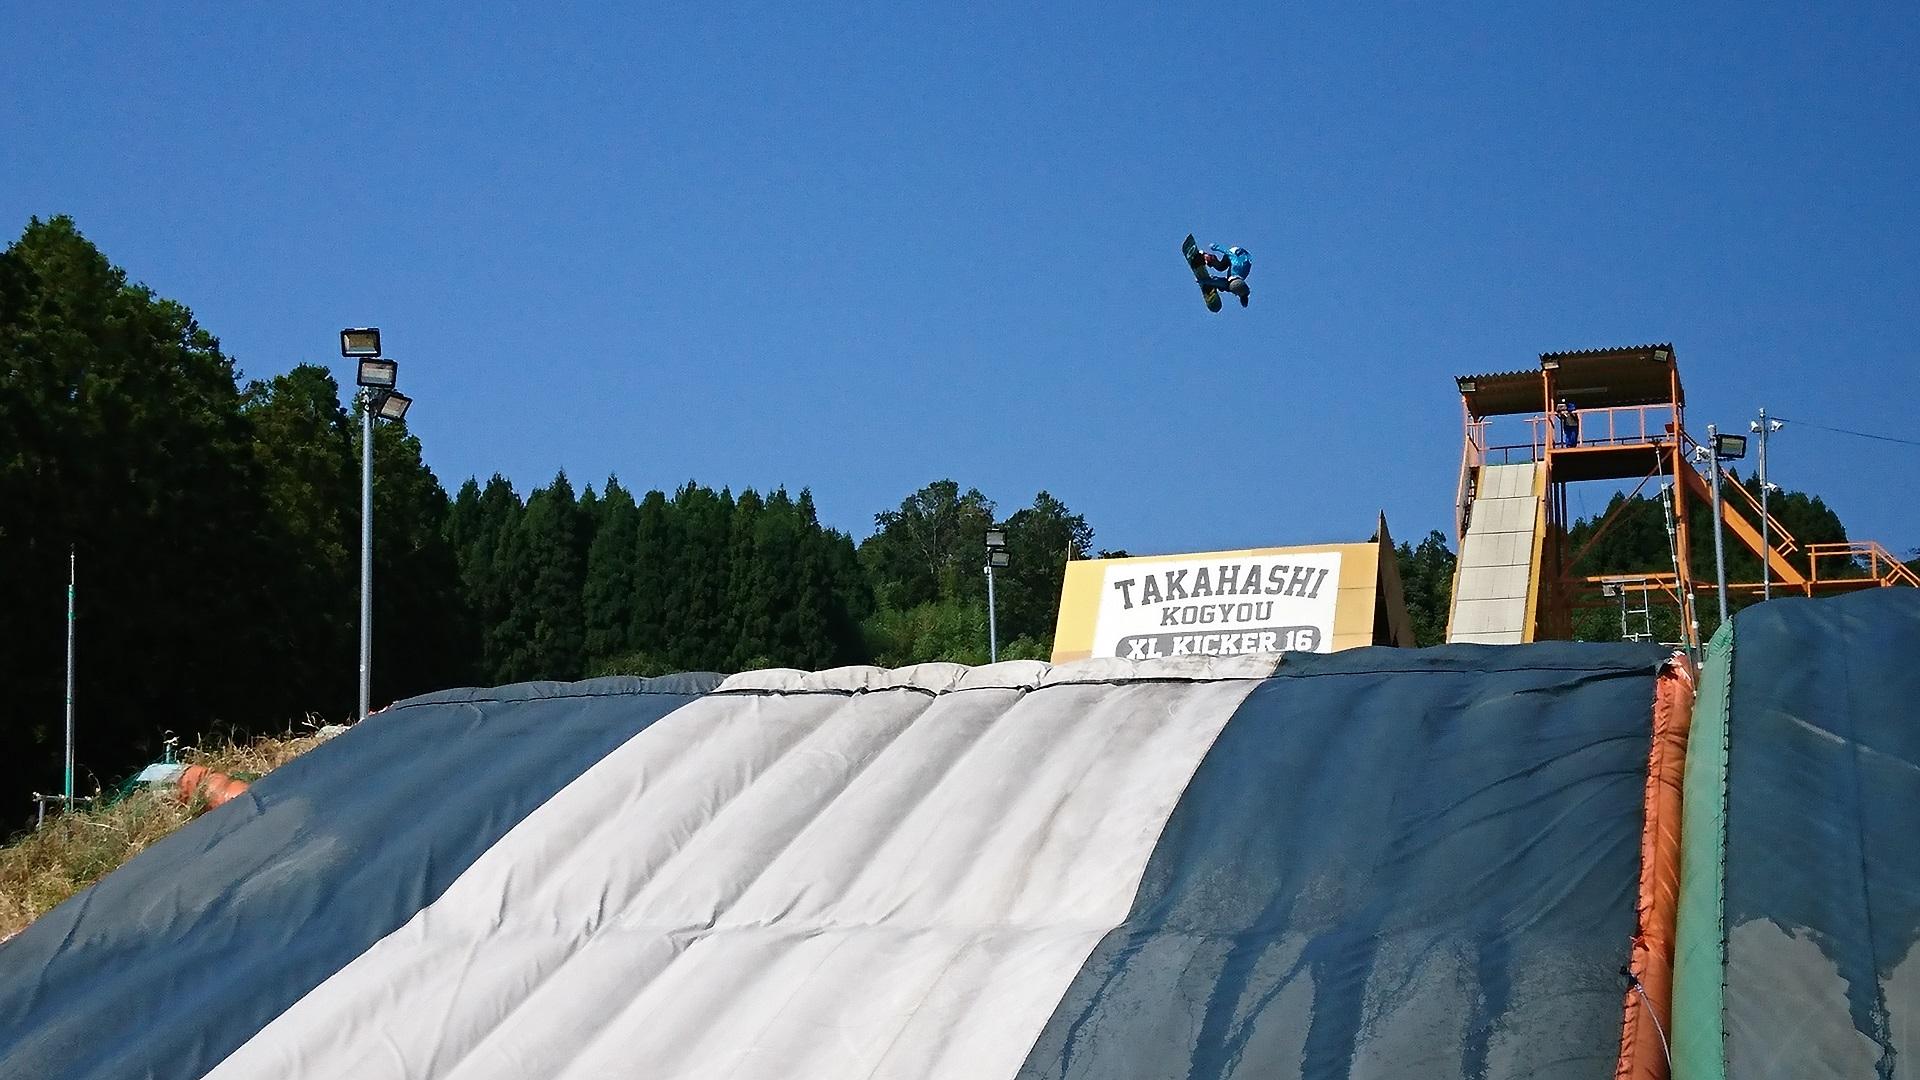 ジャンプトレーニング